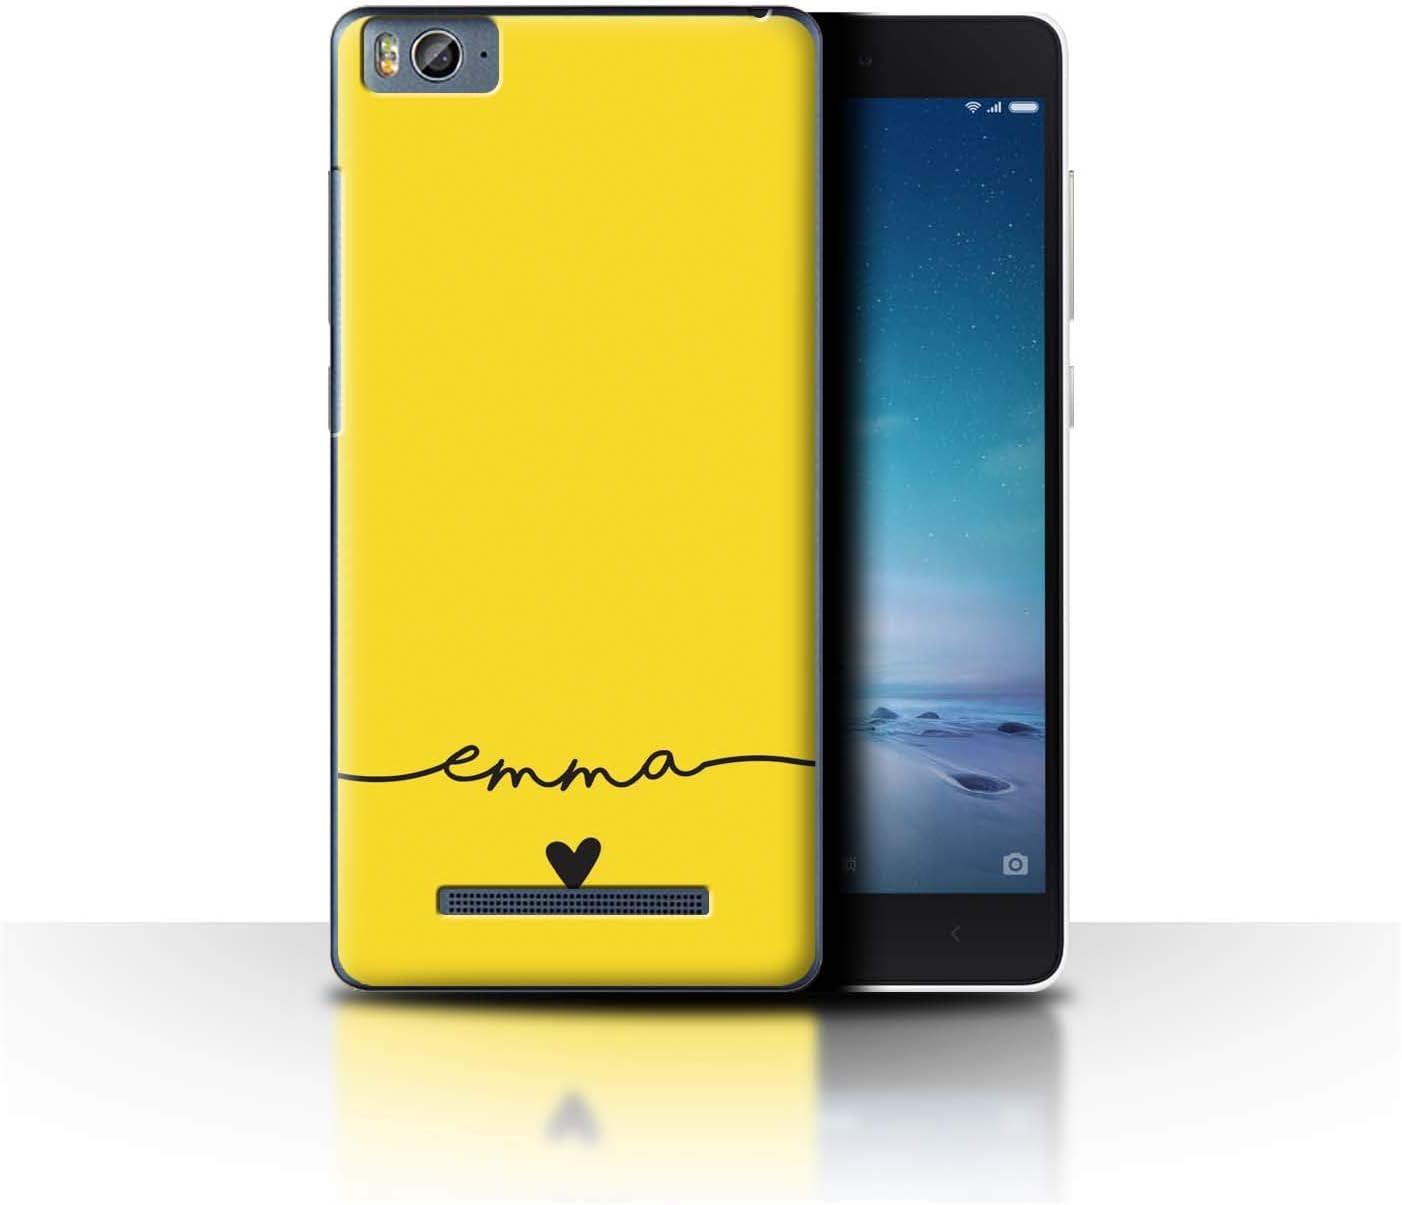 Personalizado Paleta Colores Personalizar Funda para el Xiaomi Mi 4C / Amarillo Dorado Diseño/Inicial/Nombre/Texto Carcasa/Estuche/Case